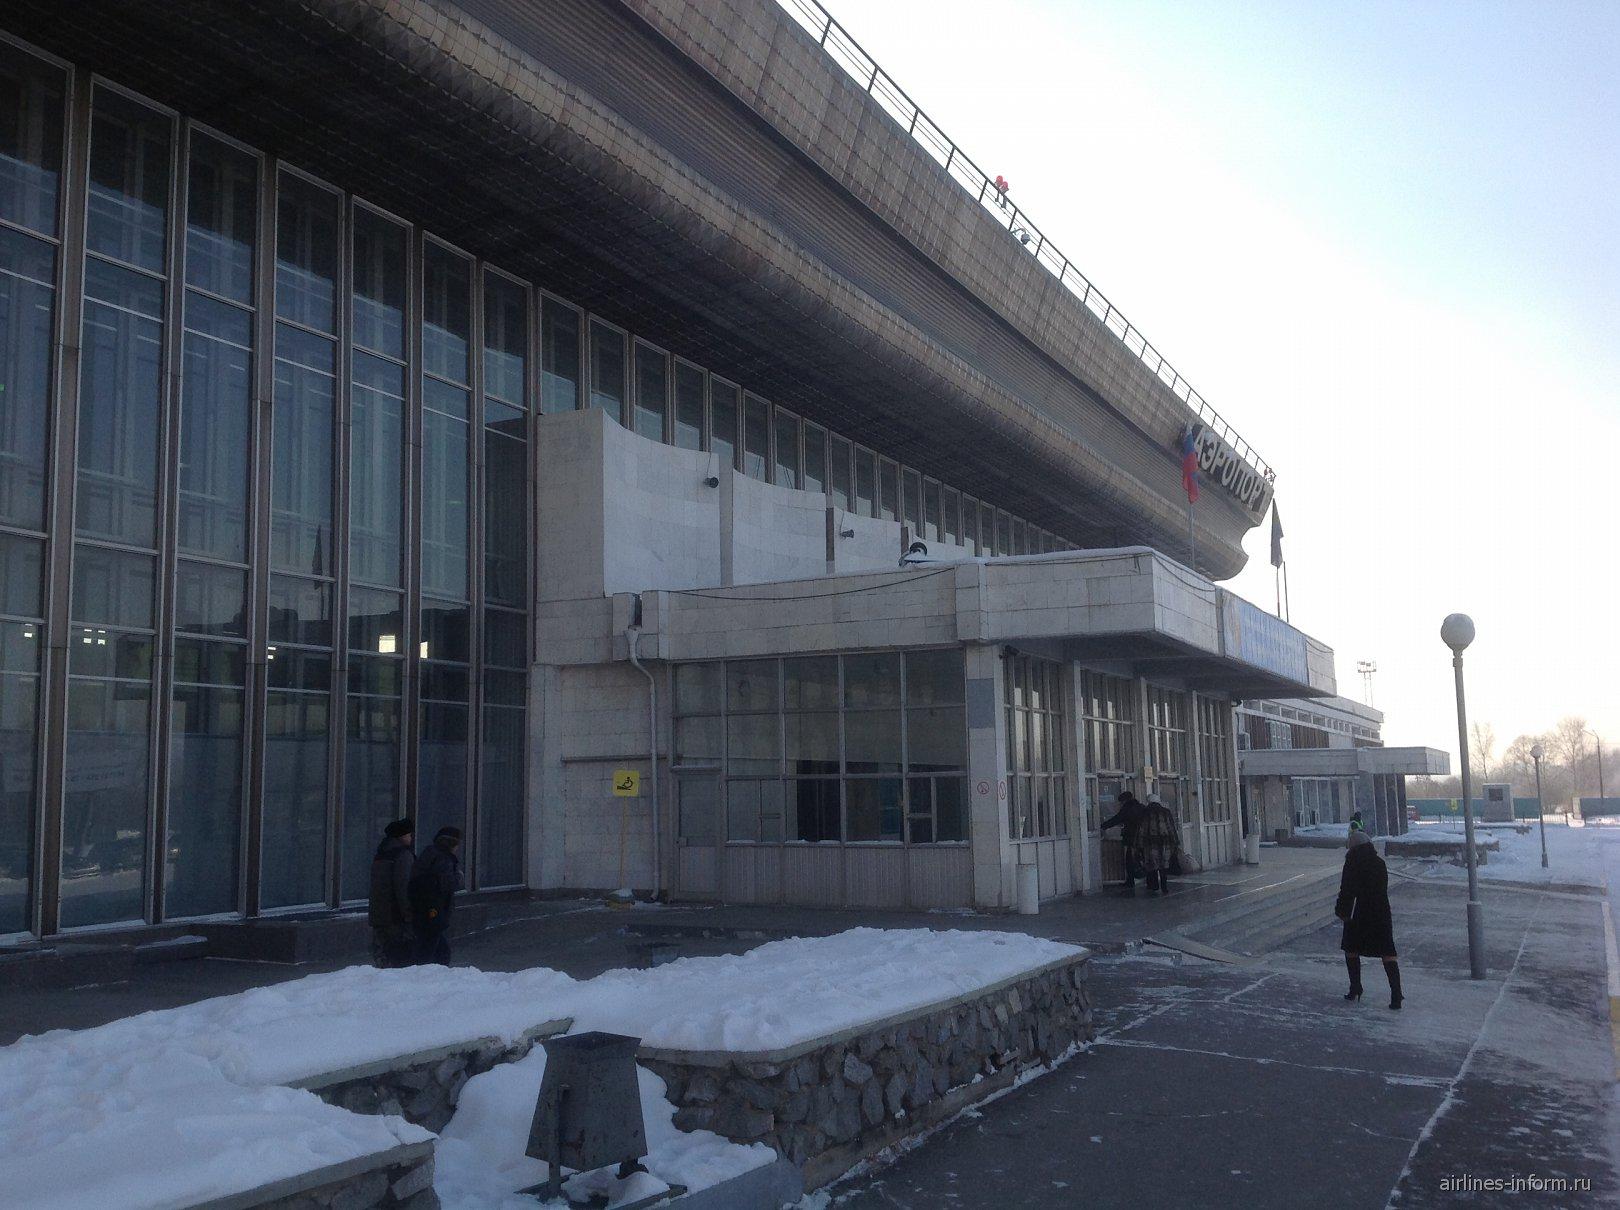 Вход в аэровокзал аэропорта Хабаровска